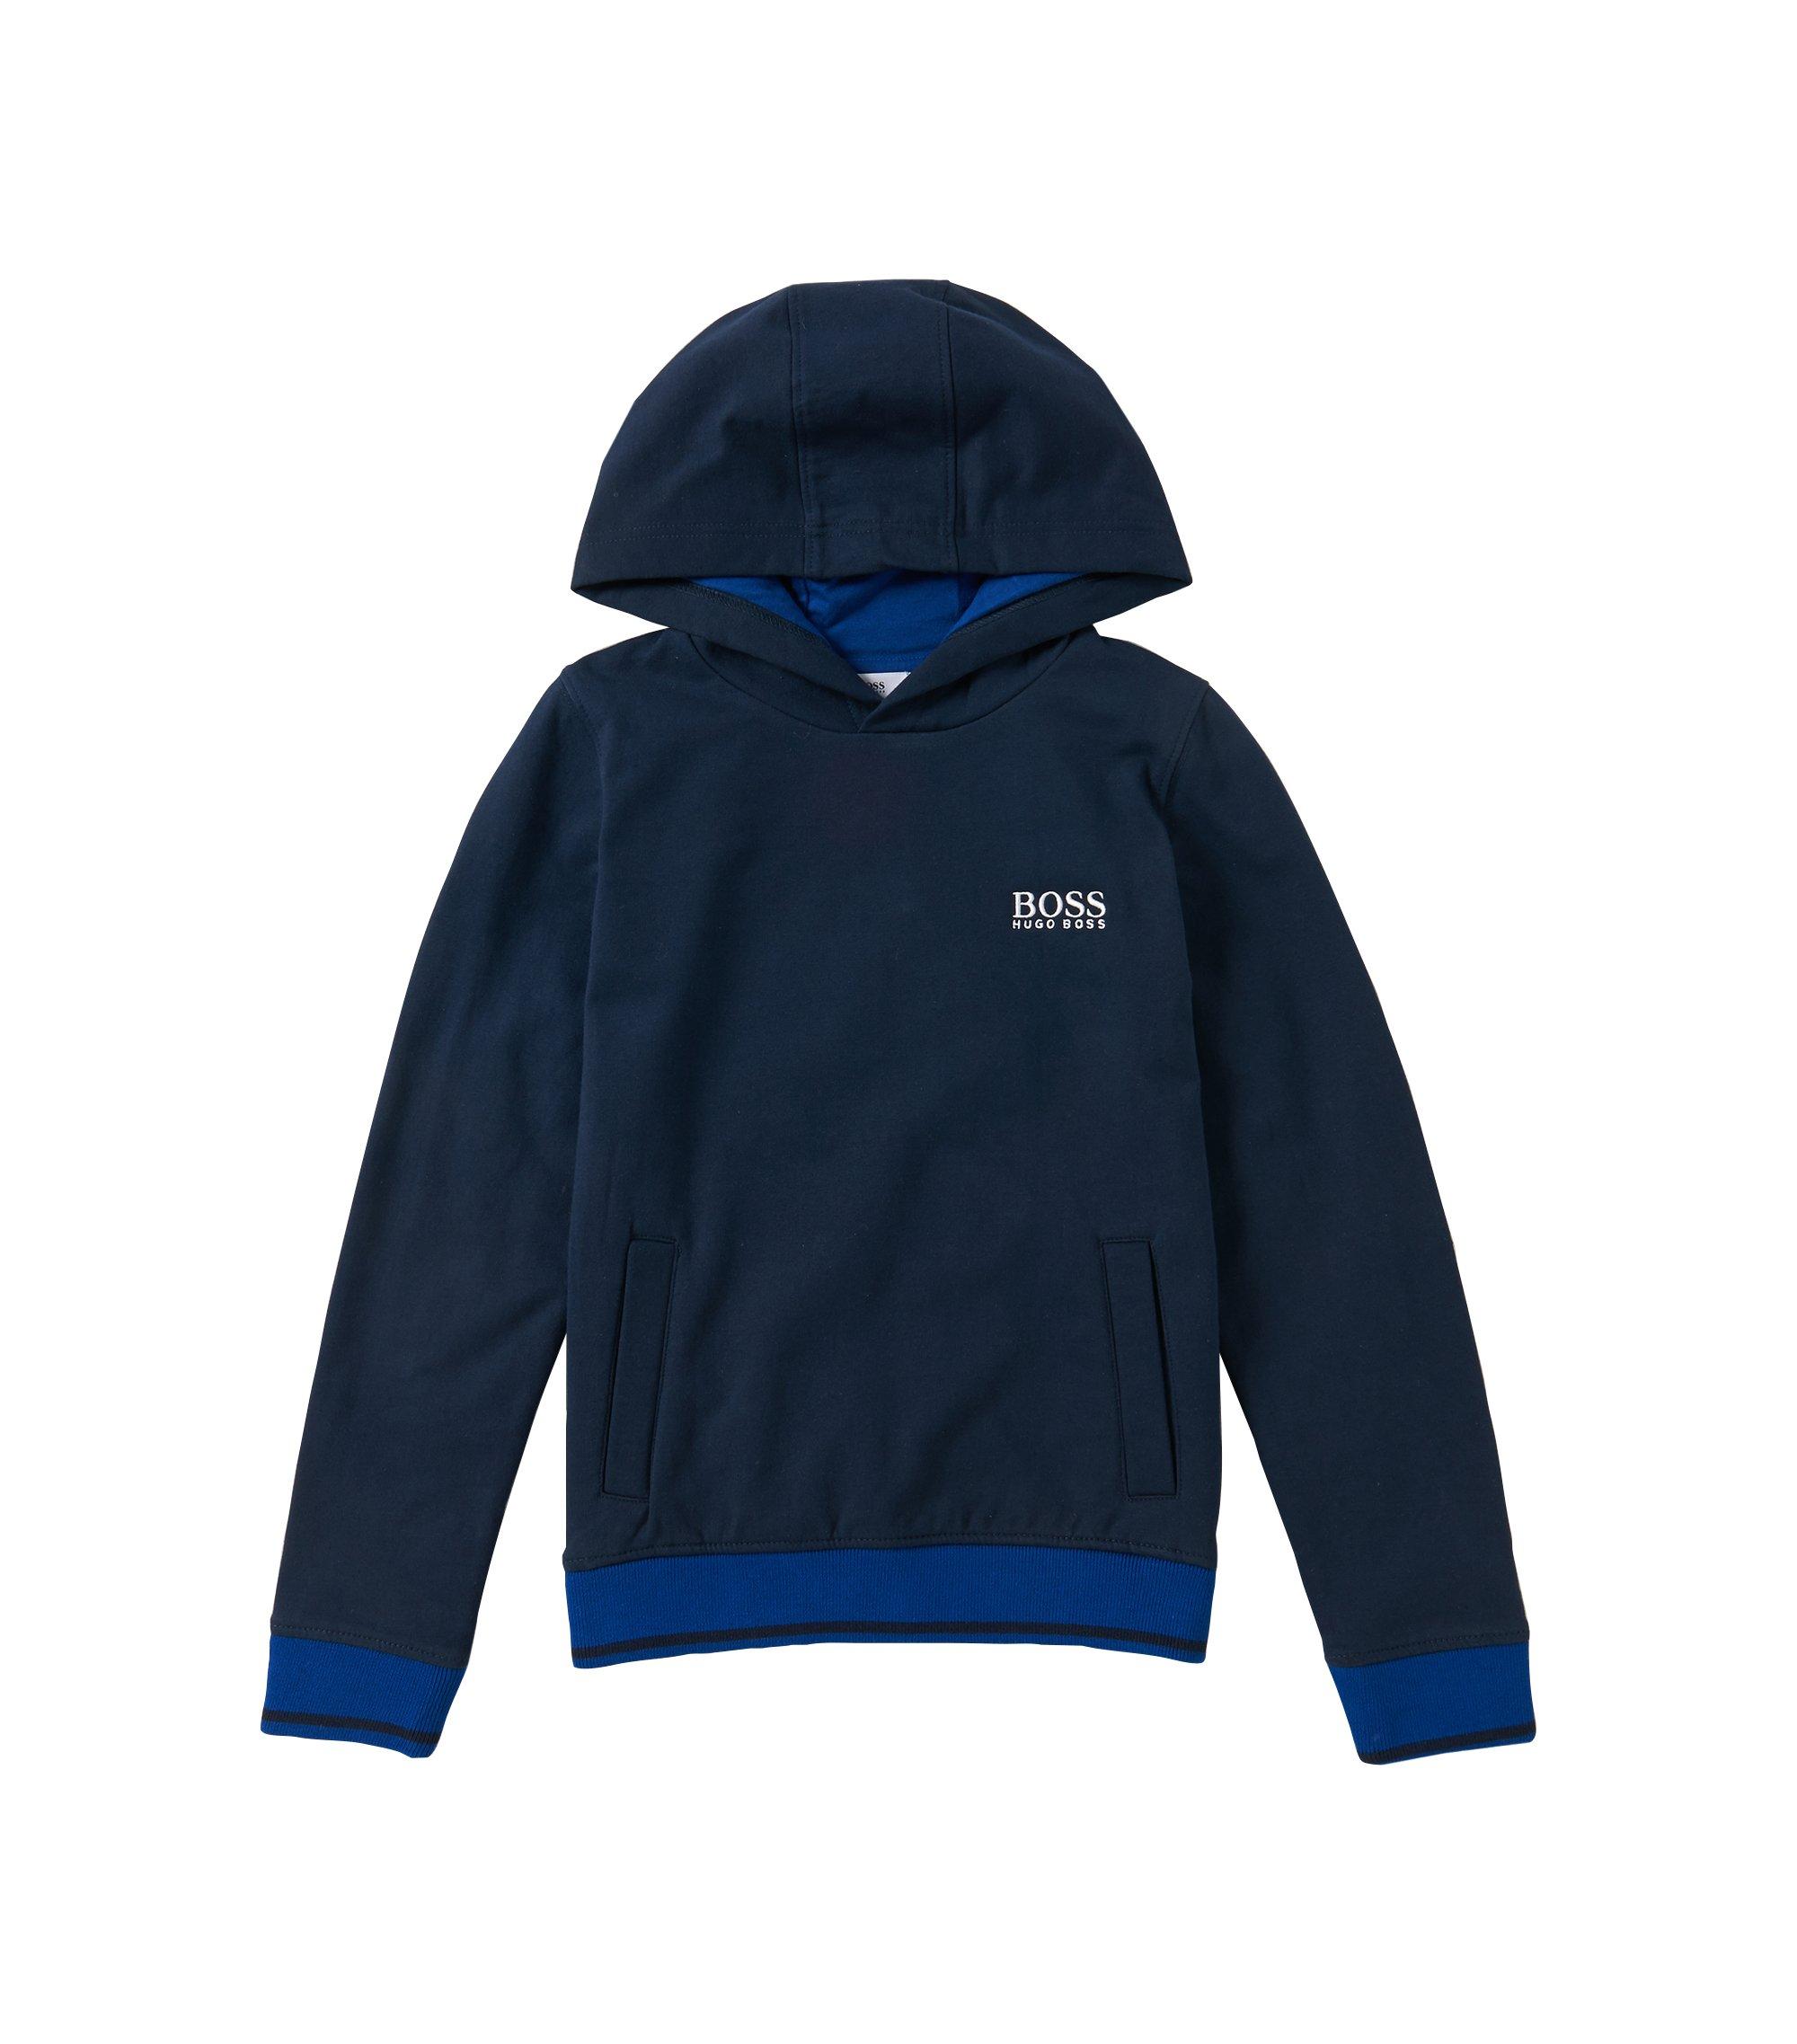 Kids Kapuzen-Sweatshirt aus elastischem Baumwoll-Mix: 'J25888', Dunkelblau